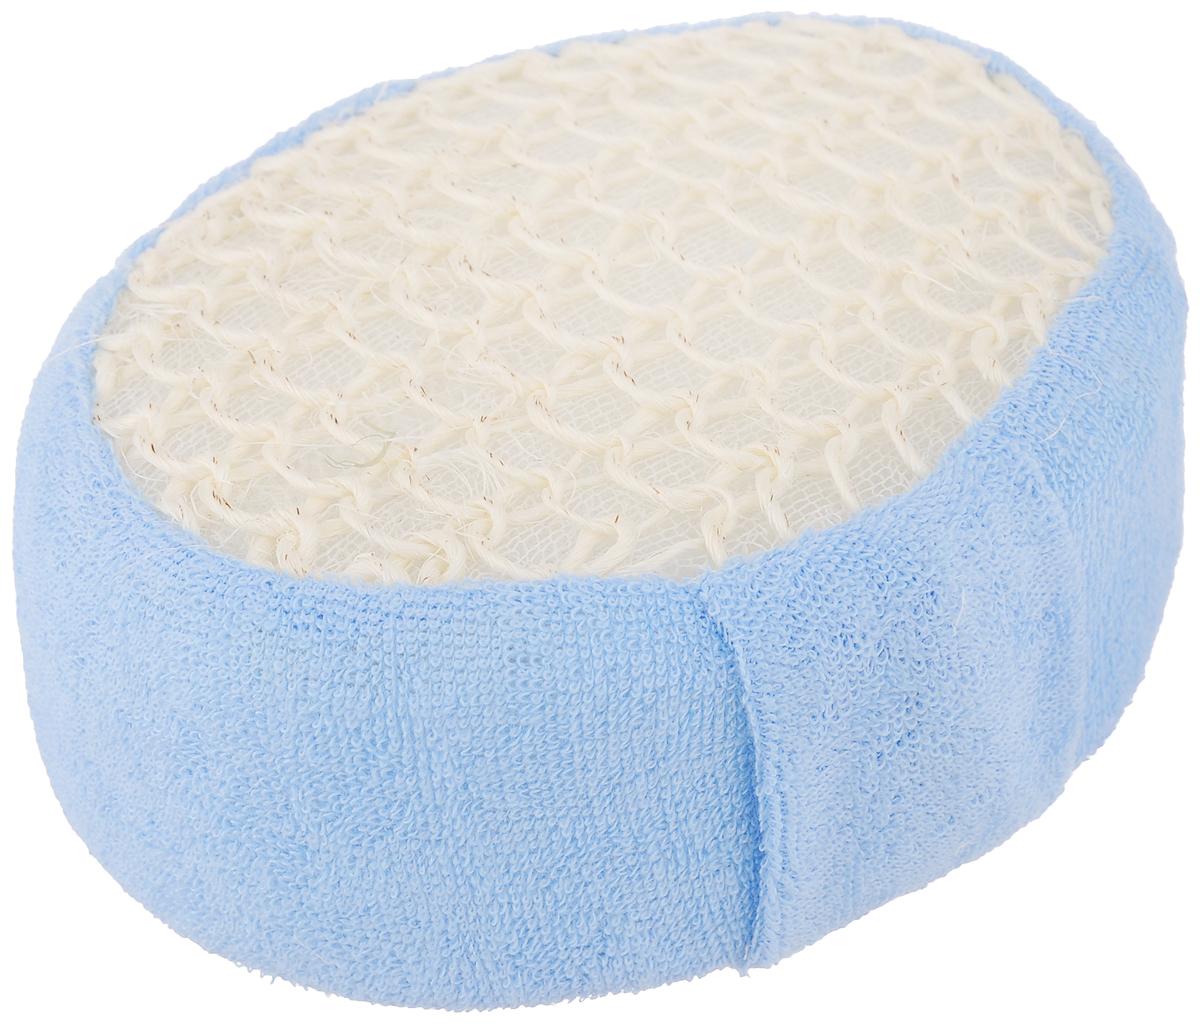 Мочалка Банные штучки, из сизаля и хлопка, цвет: голубойFM 5567 weis-grauНатуральная мочалка Банные штучки выполнена из волокна мексиканской агавы - сизаля. Предназначена для интенсивного, антицеллюлитного массажа, обладает эффектом скраба. Обратная сторона мочалки изготовлена из нежного хлопка, бережно очищающего кожу. Идеально подходит для людей, склонных к аллергии, так как не требует использования мыла. Рекомендуется предварительно запарить.